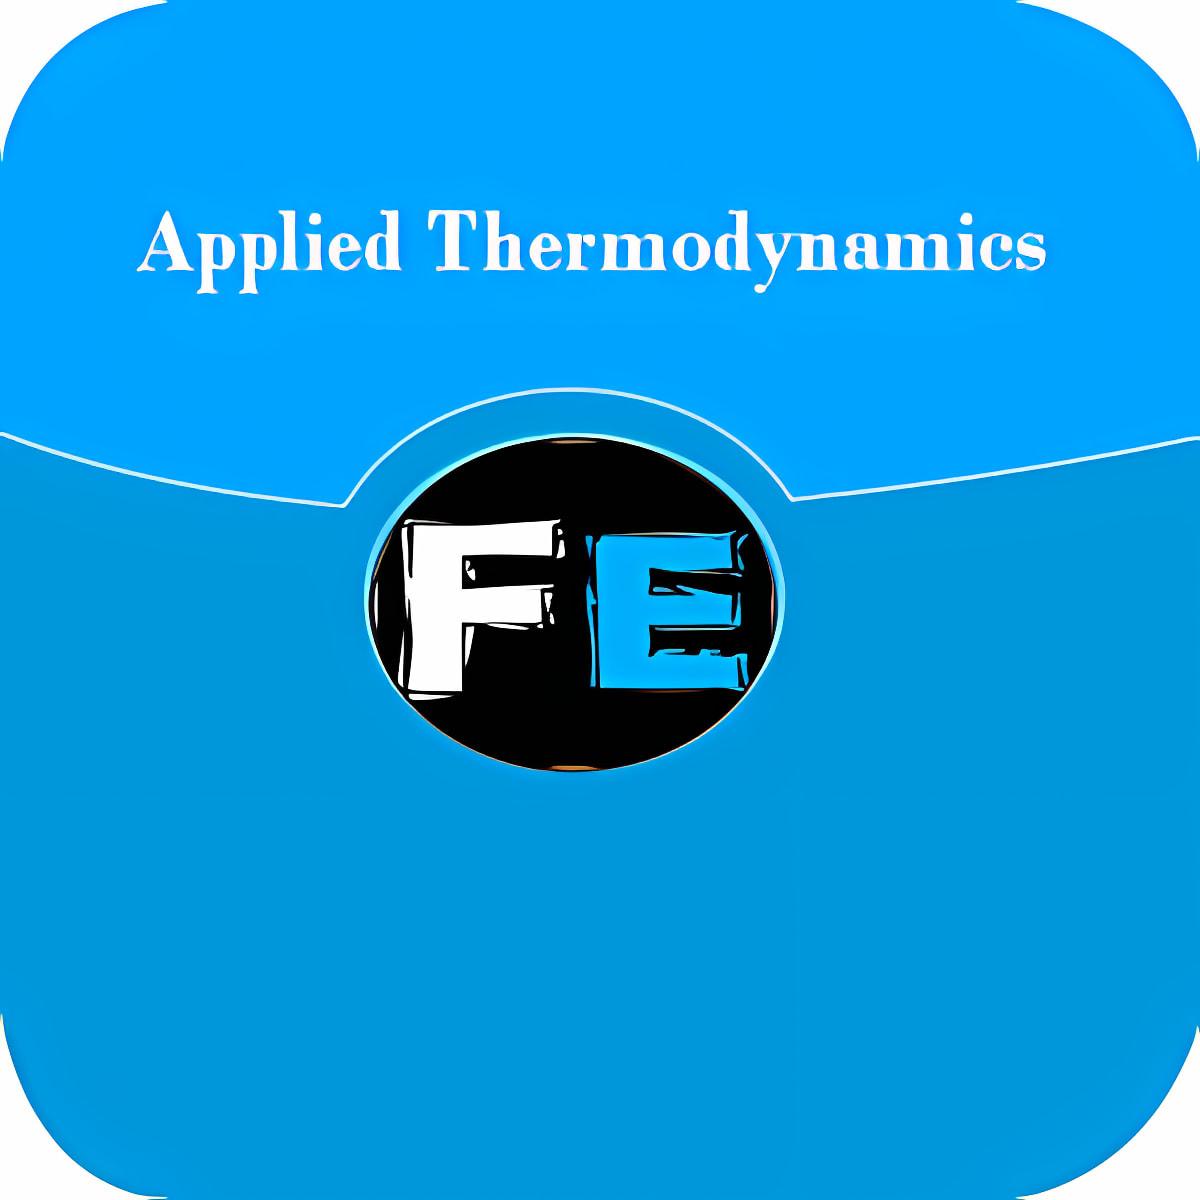 Applied Thermodynamics-1